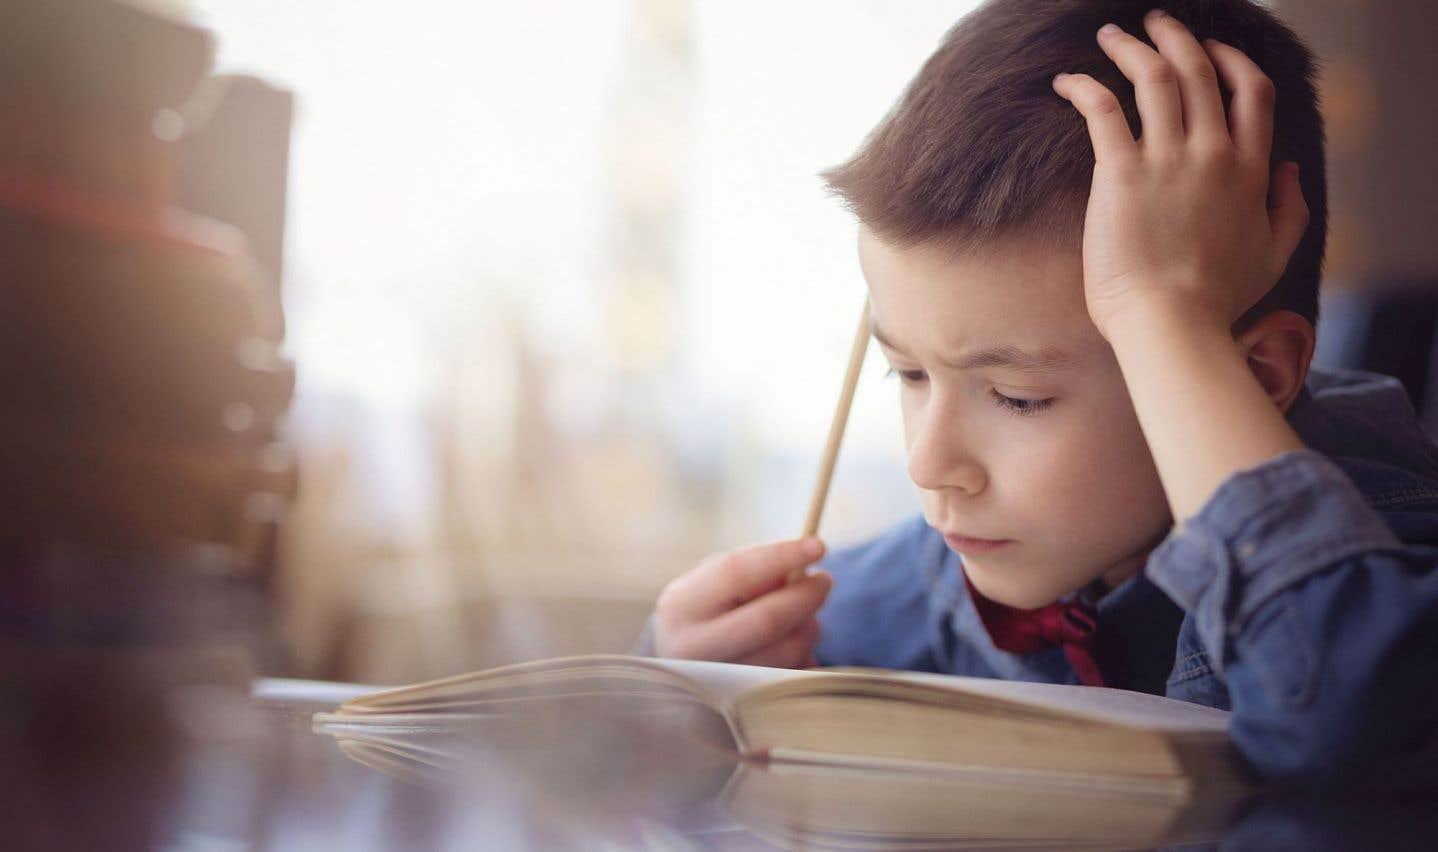 Les écoles privées ordinaires ont su s'adapter aux besoins grandissants en adaptation scolaire.